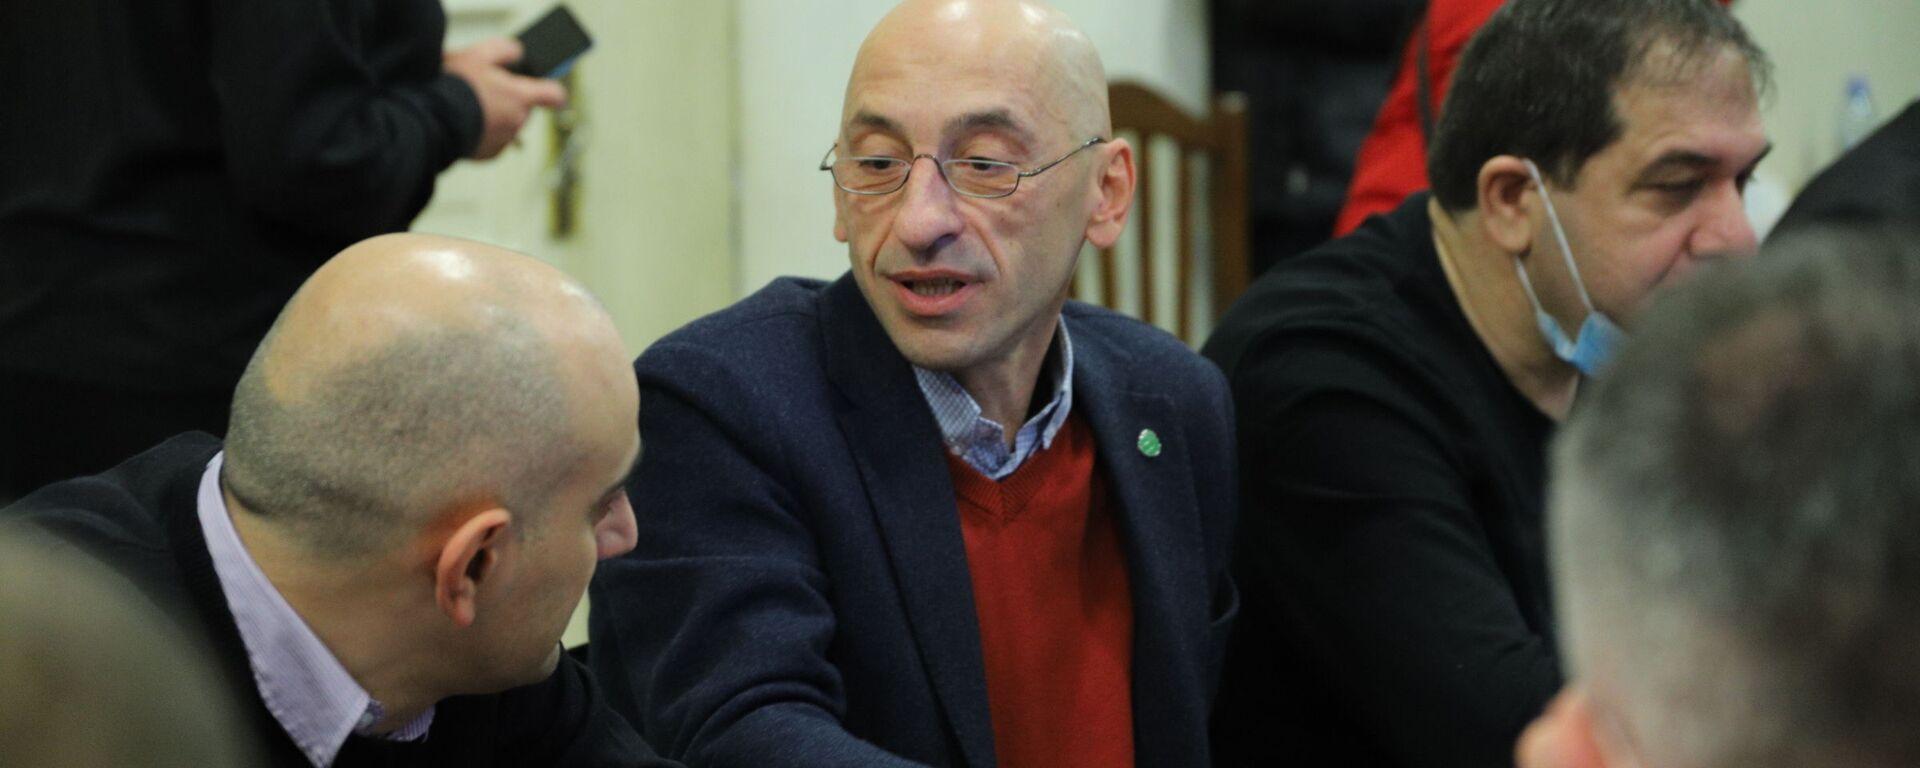 Вахтанг Мегрелишвили. Объединенная оппозиция провела консультации в офисе Лейбористской партии - Sputnik Грузия, 1920, 10.08.2021